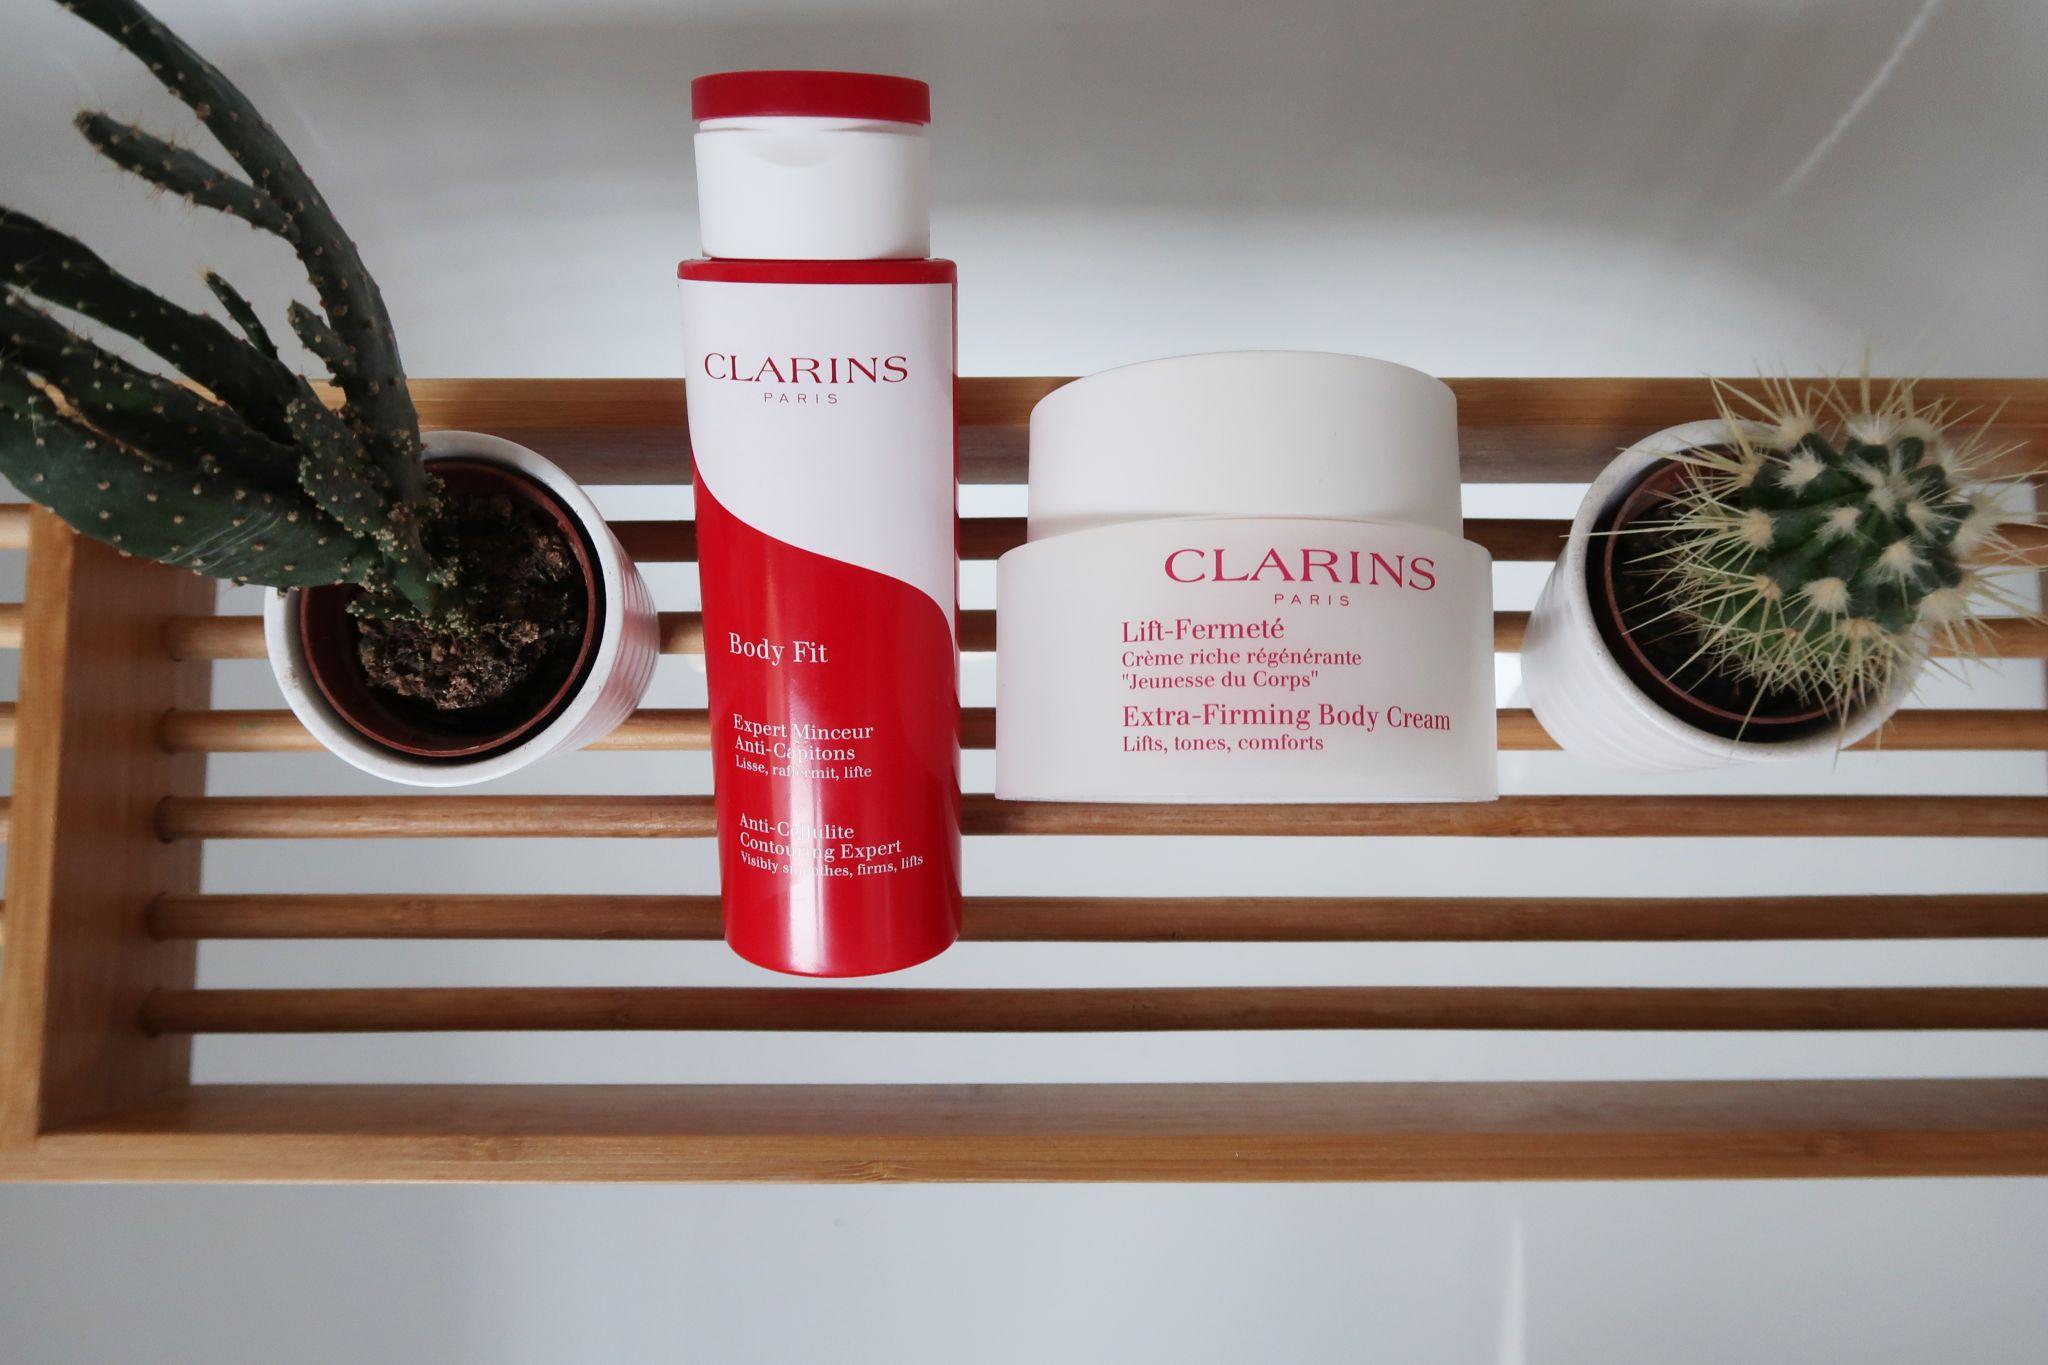 glamupyourlifestyle selbstbrauner konzentrat clarins bodycream body-fit gesundes-braunen ue40-blog ue50-mode